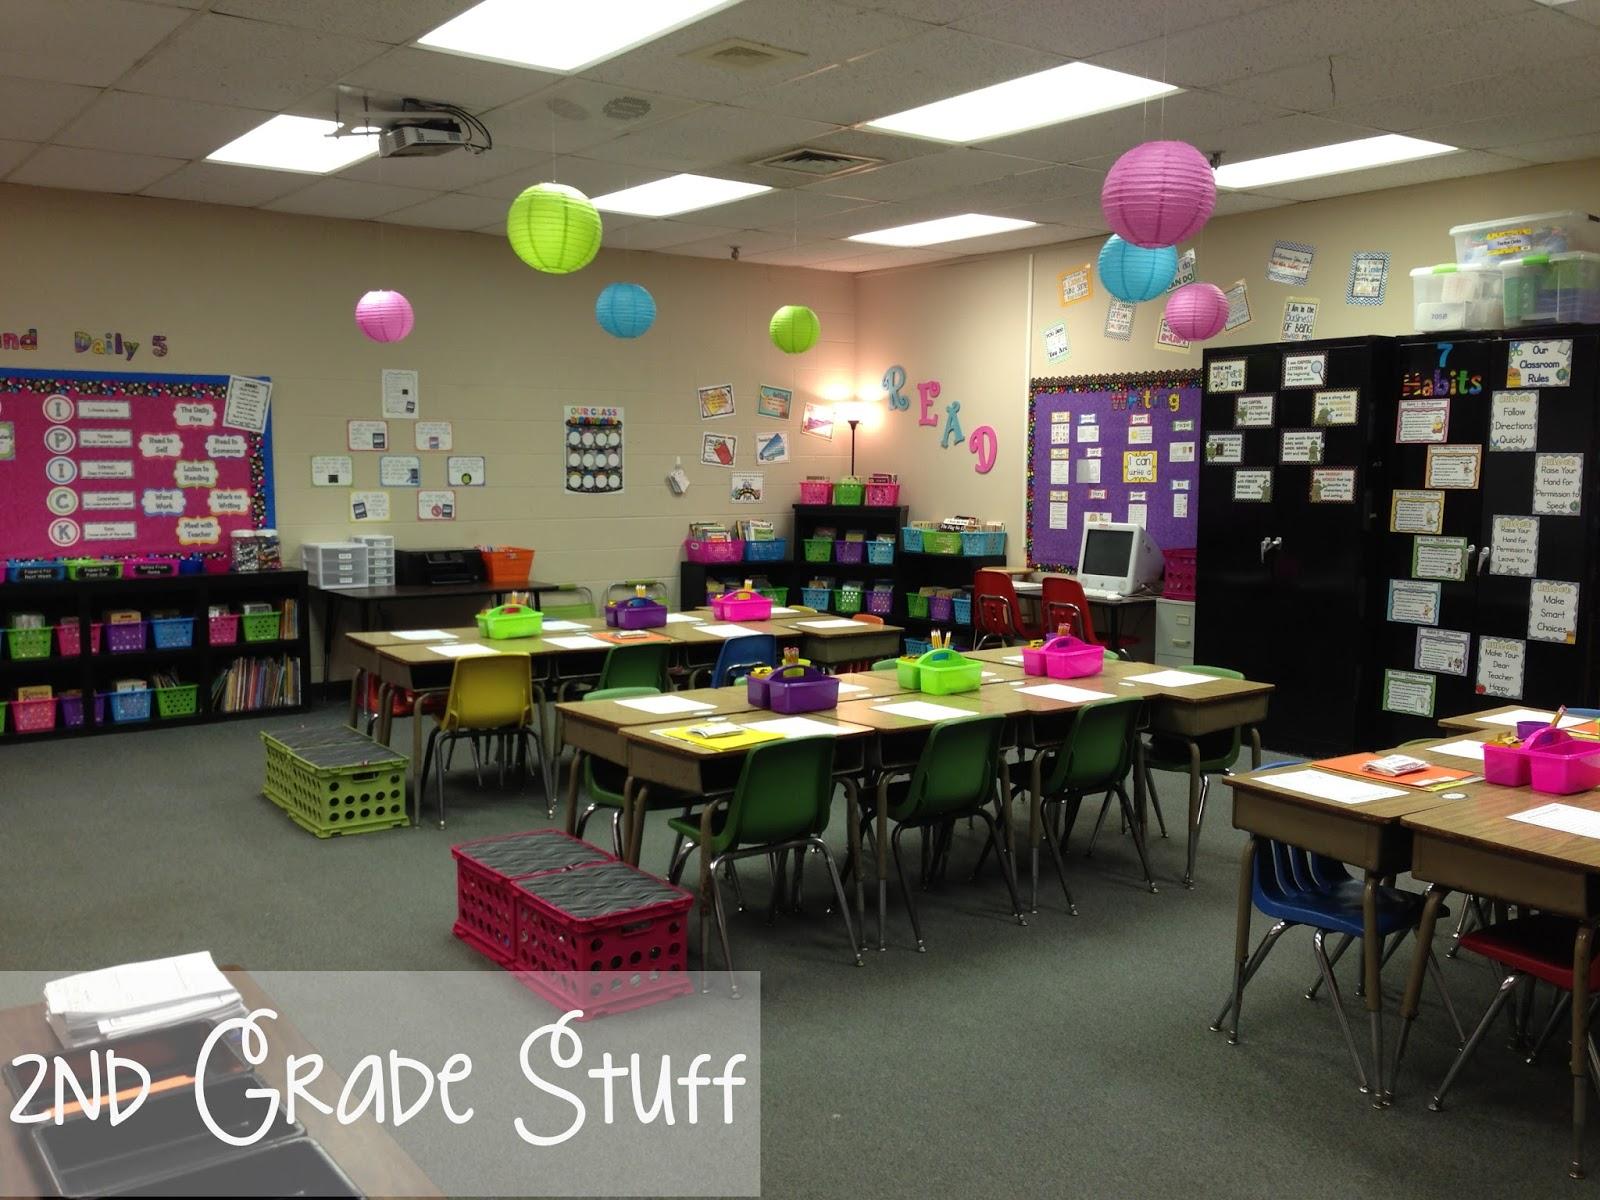 Classroom Ideas For 2nd Grade ~ Nd grade stuff classroom tour